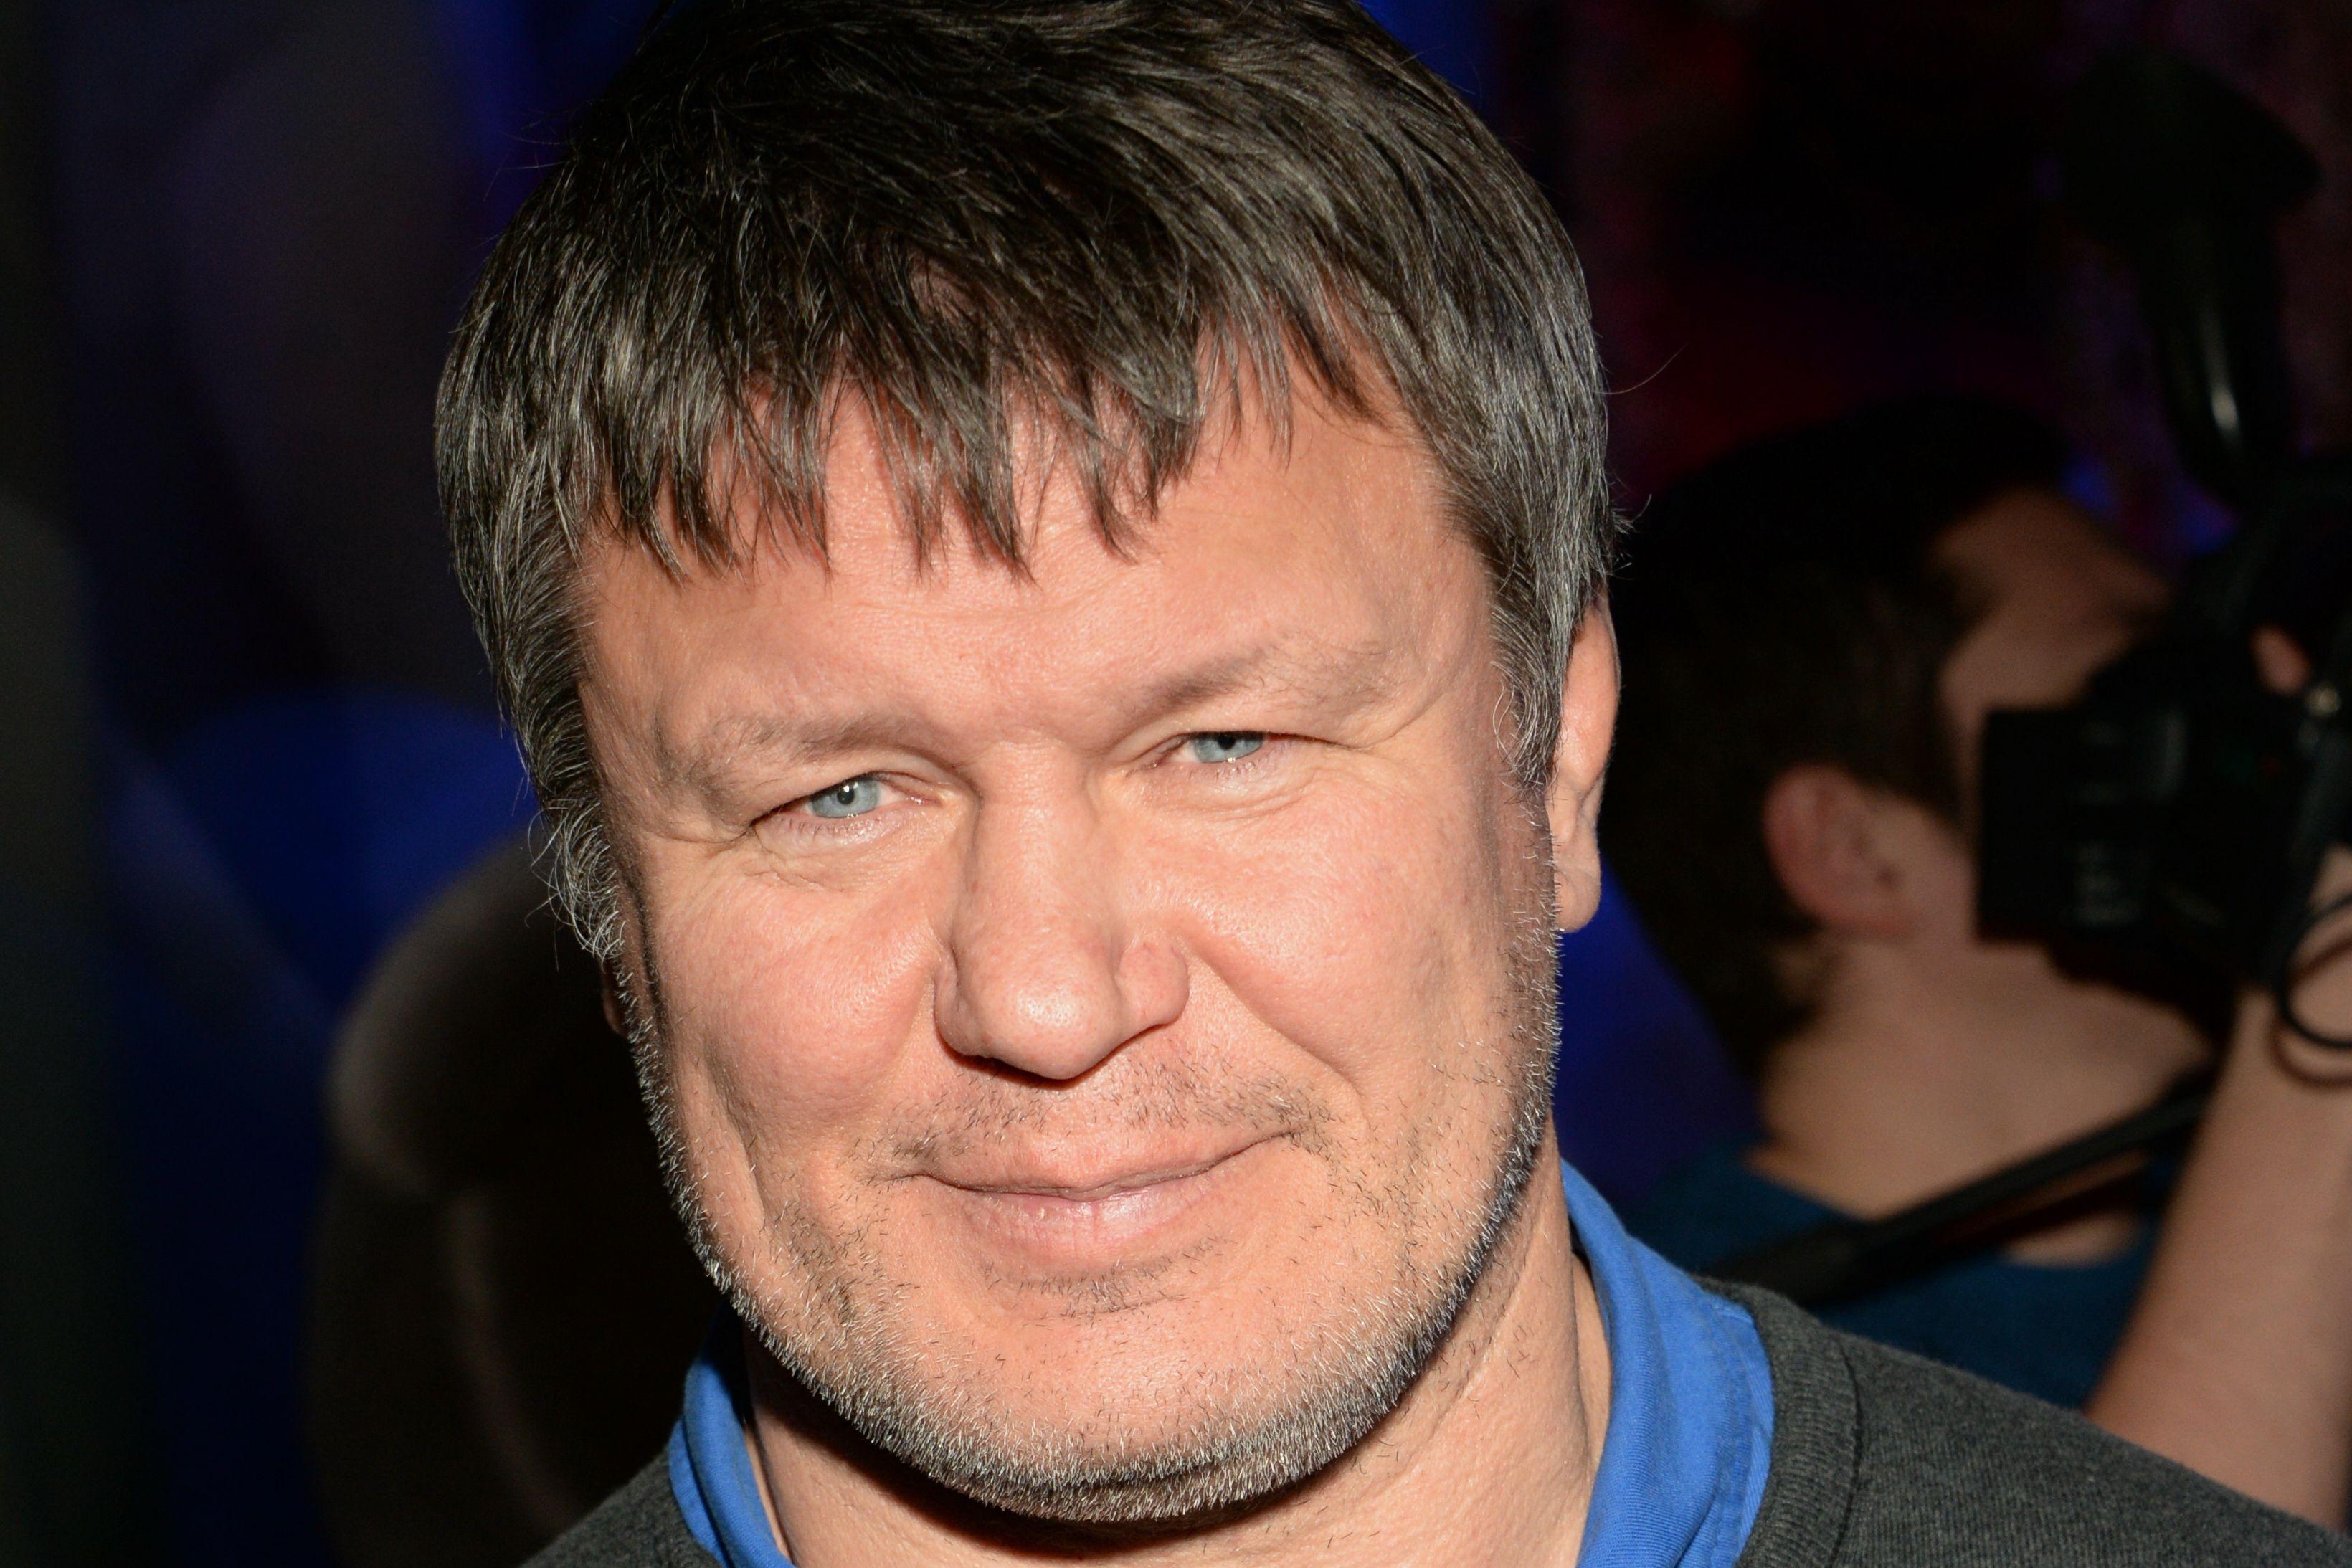 Тактаров: 'Был недавно на Украине и не увидел там ни одного человека, который бы плохо сказал о России или Путине'